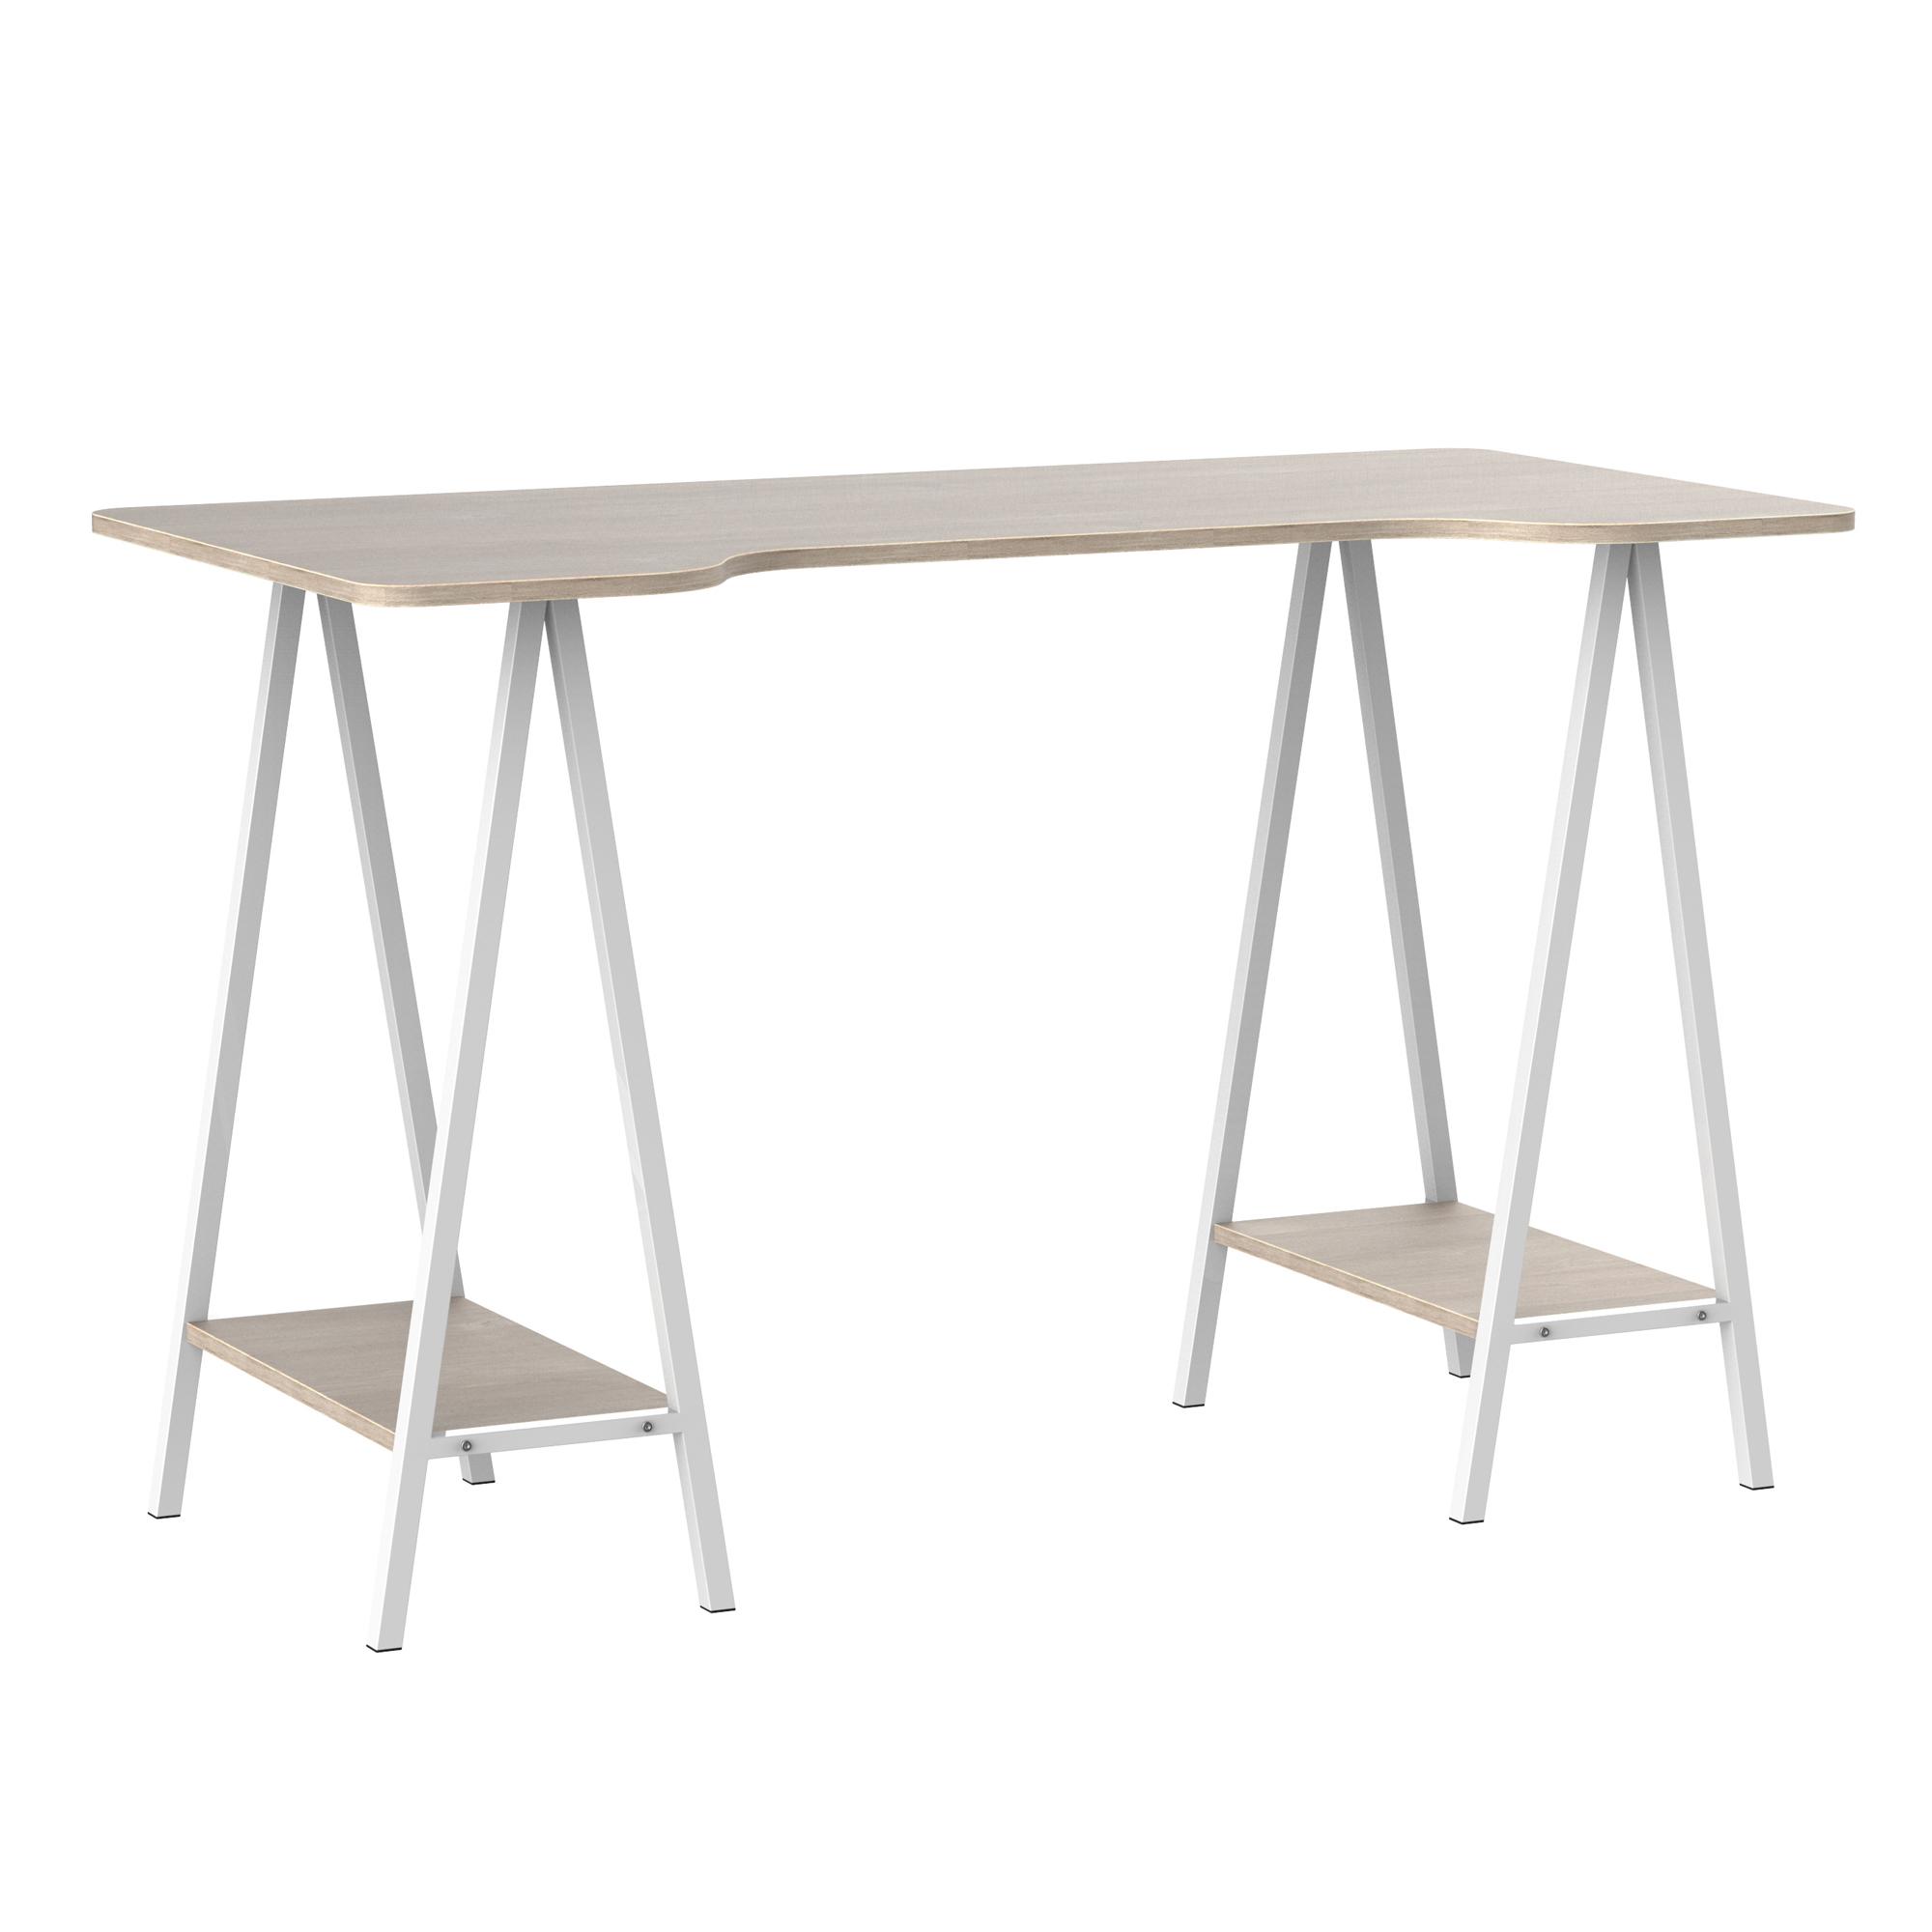 Bureau informatique design 2 étagères plateau aspect bois gris clair